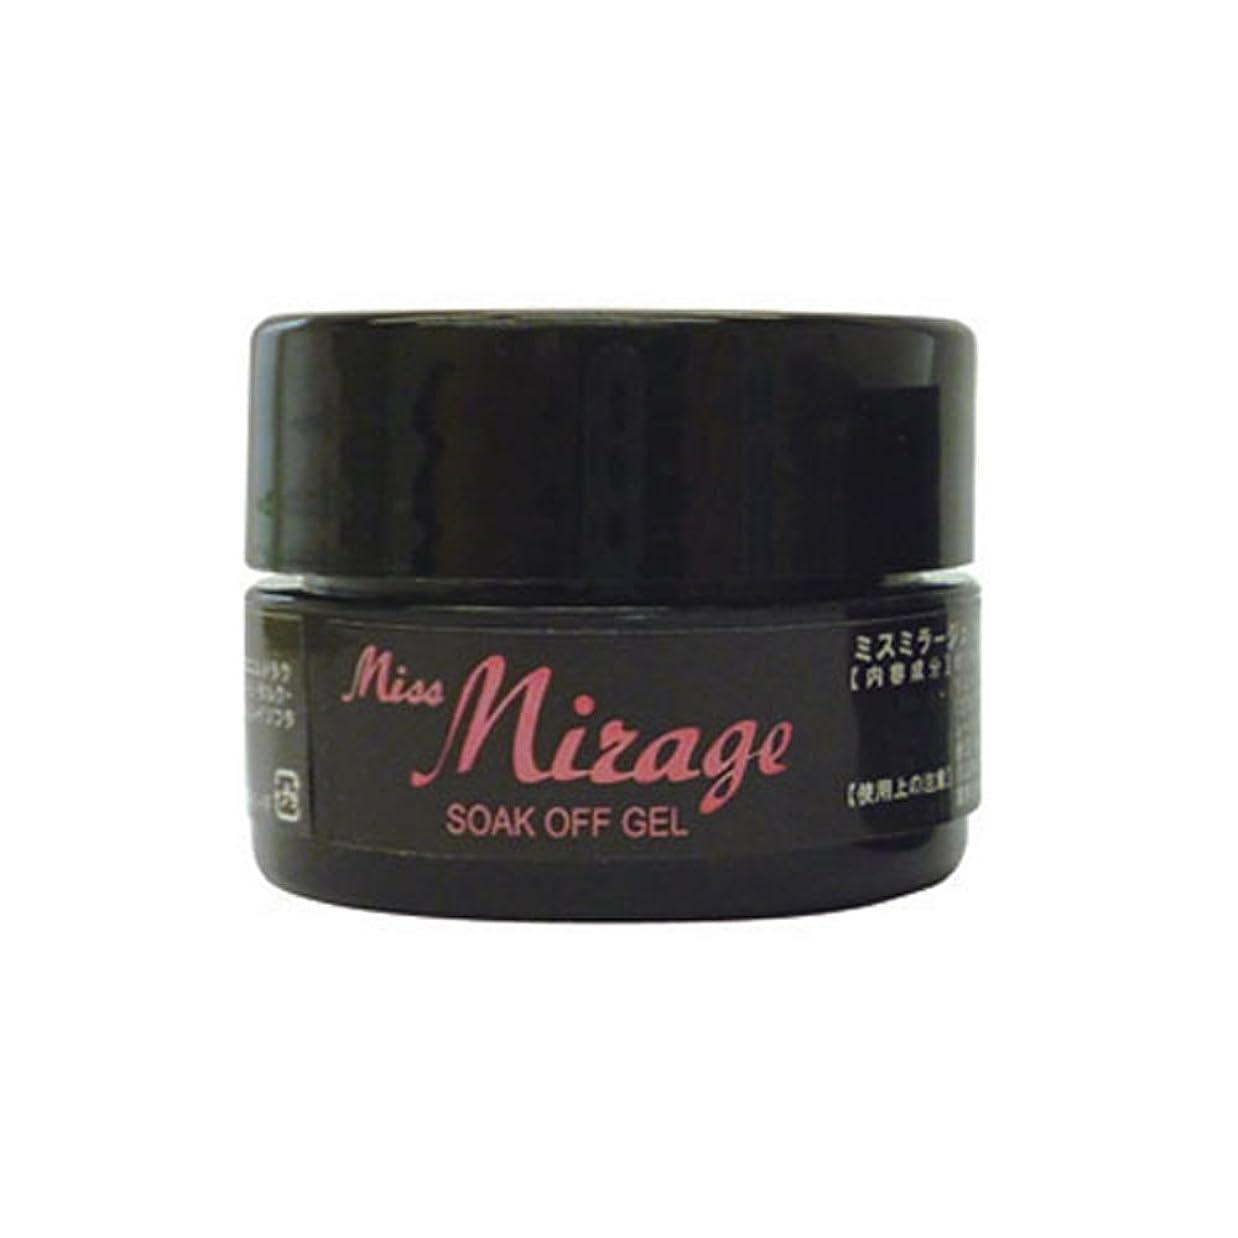 展示会美容師ゴミ箱Miss Mirage カラージェル H14S ホログラムネイビーブルー 2.5g ソークオフジェル UV/LED対応